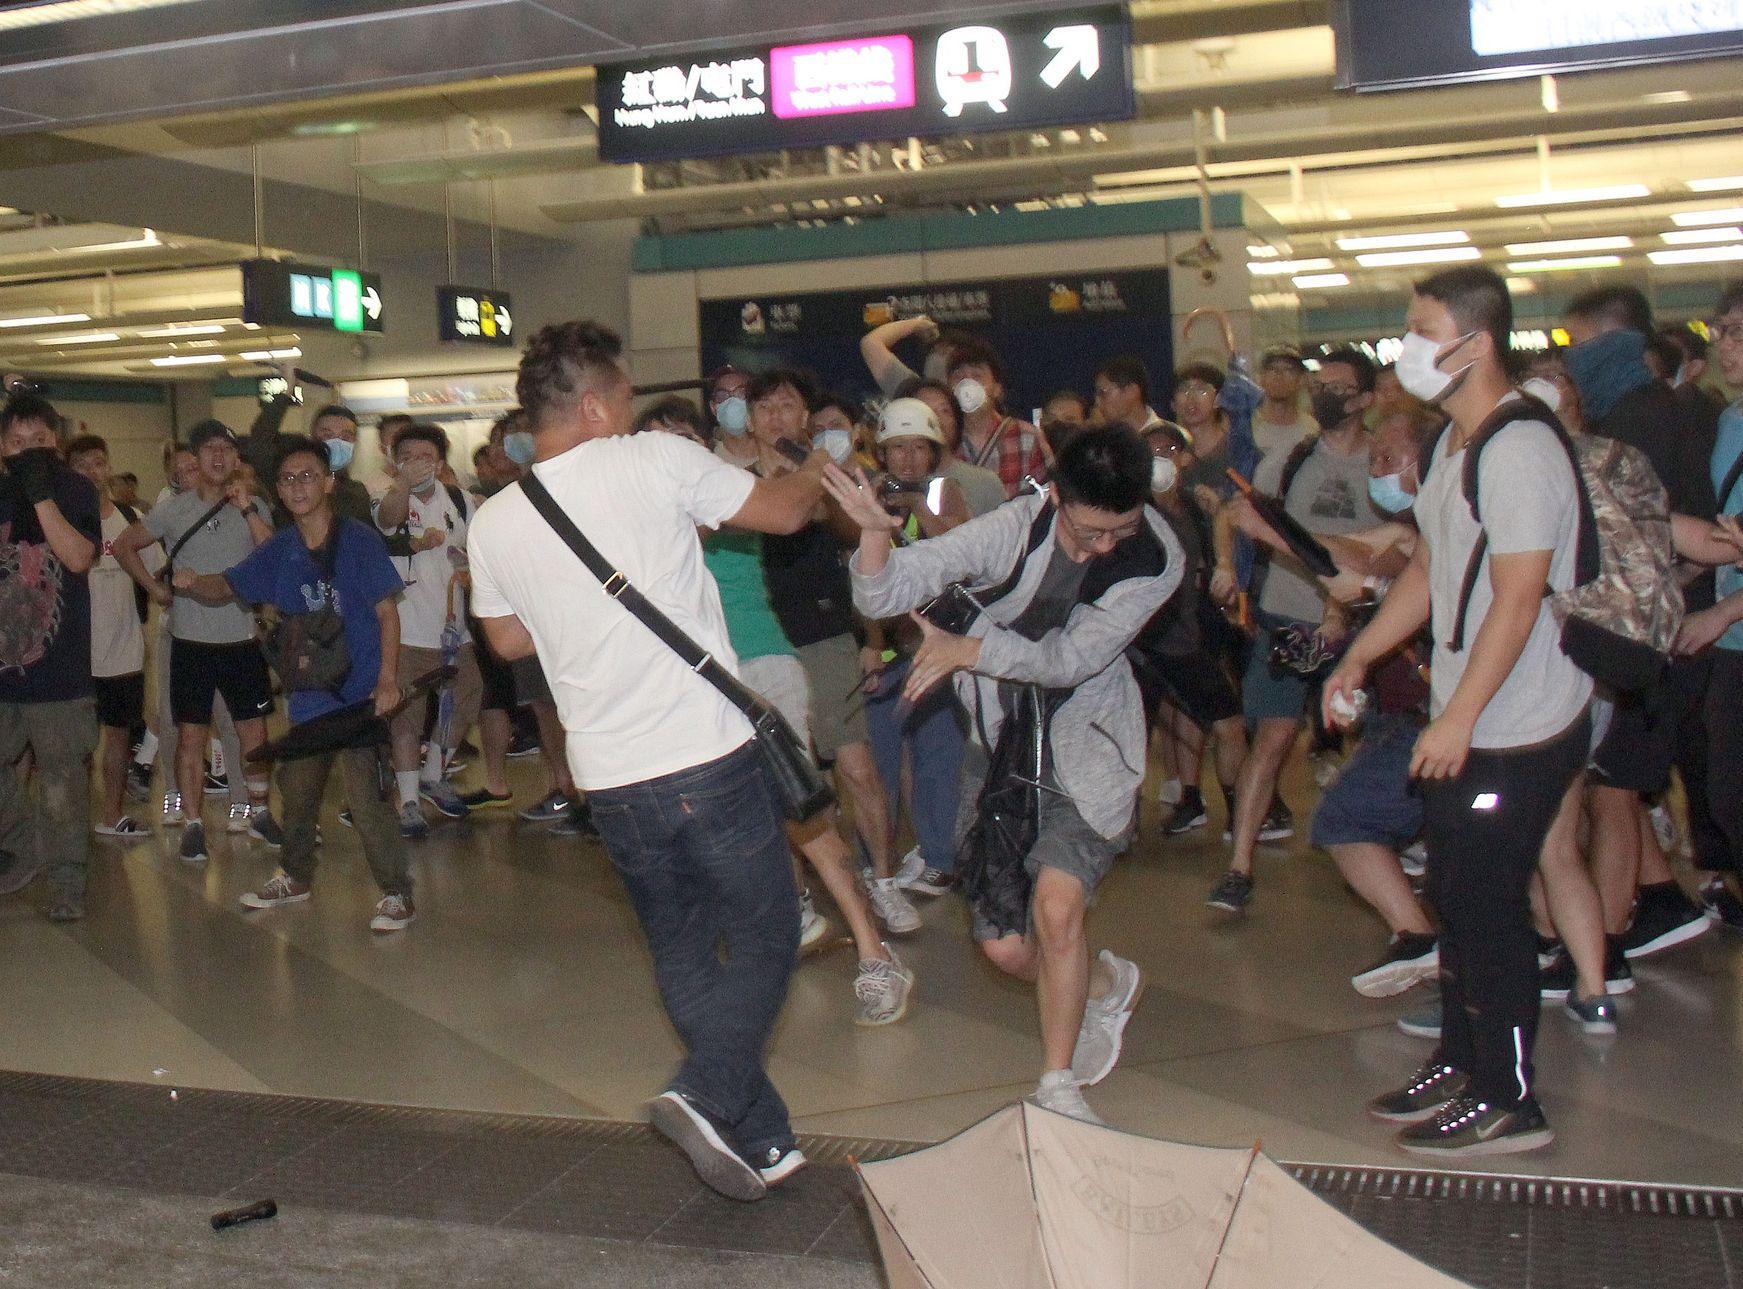 【逃犯条例】警方:6月至今已拘1140人 就元朗事件拘31人